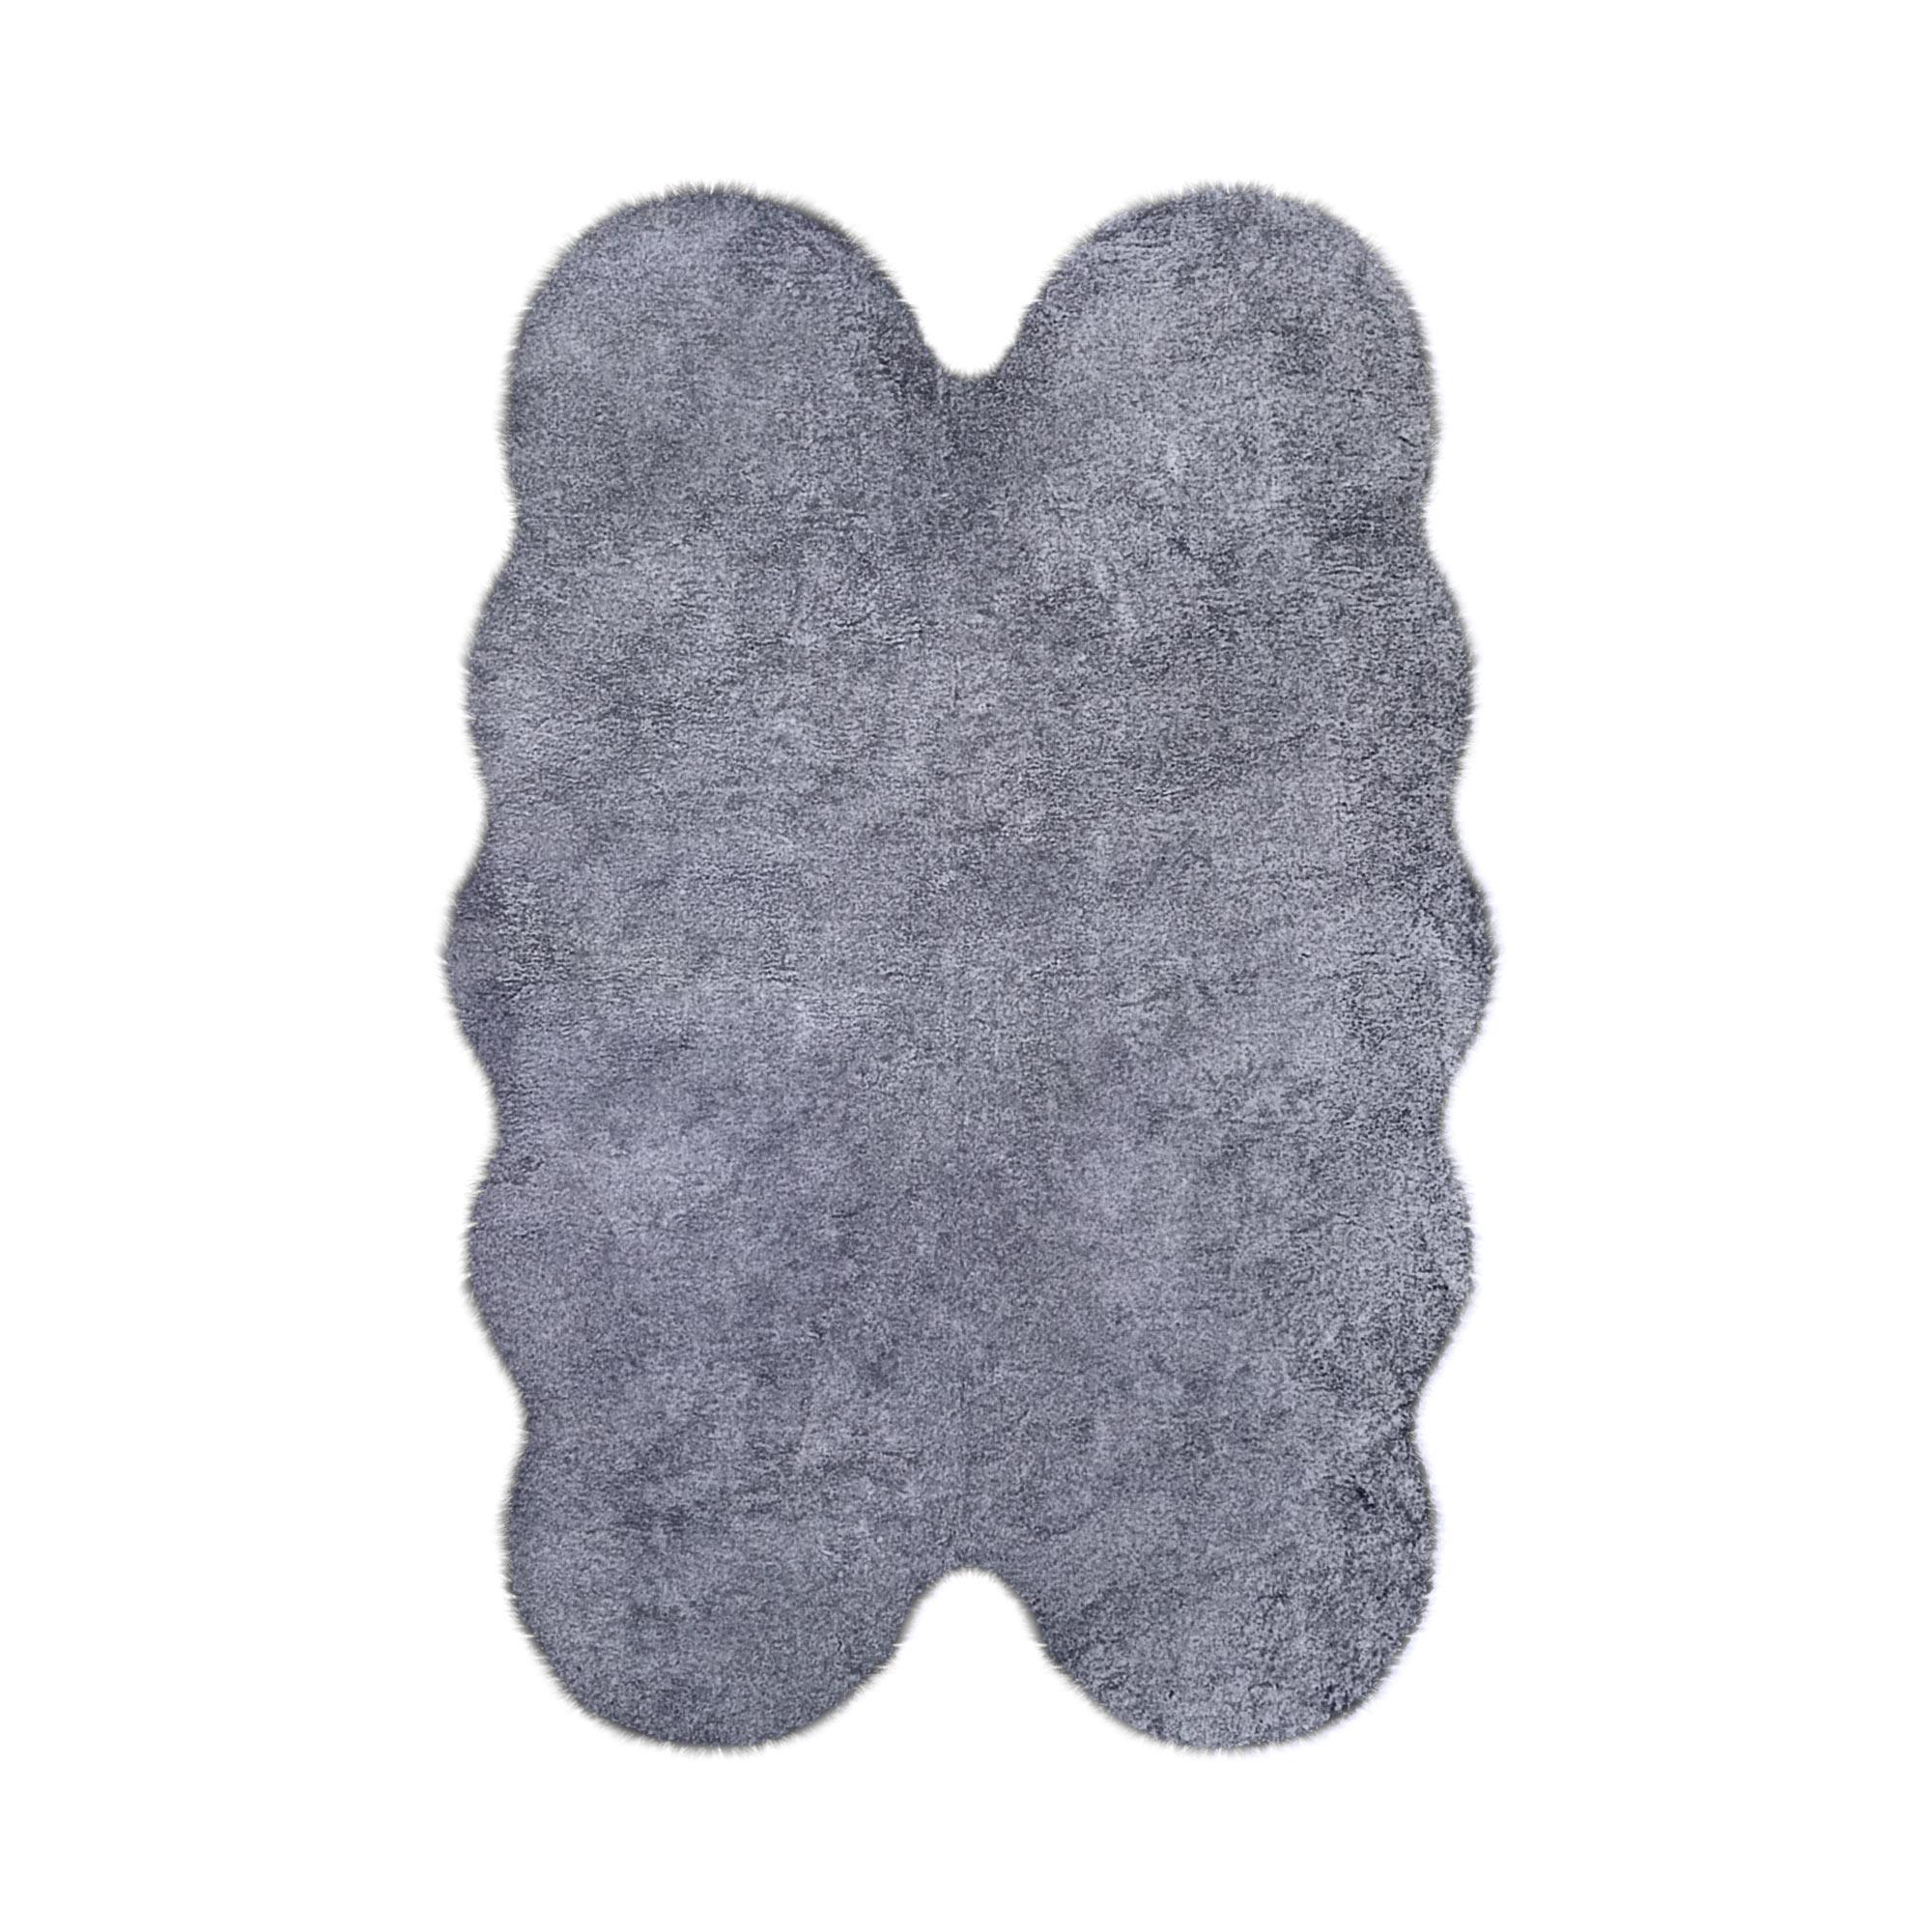 Шкура Ковровые галереи 120х180 кролик искусственный bl.tip wh 4шк фото